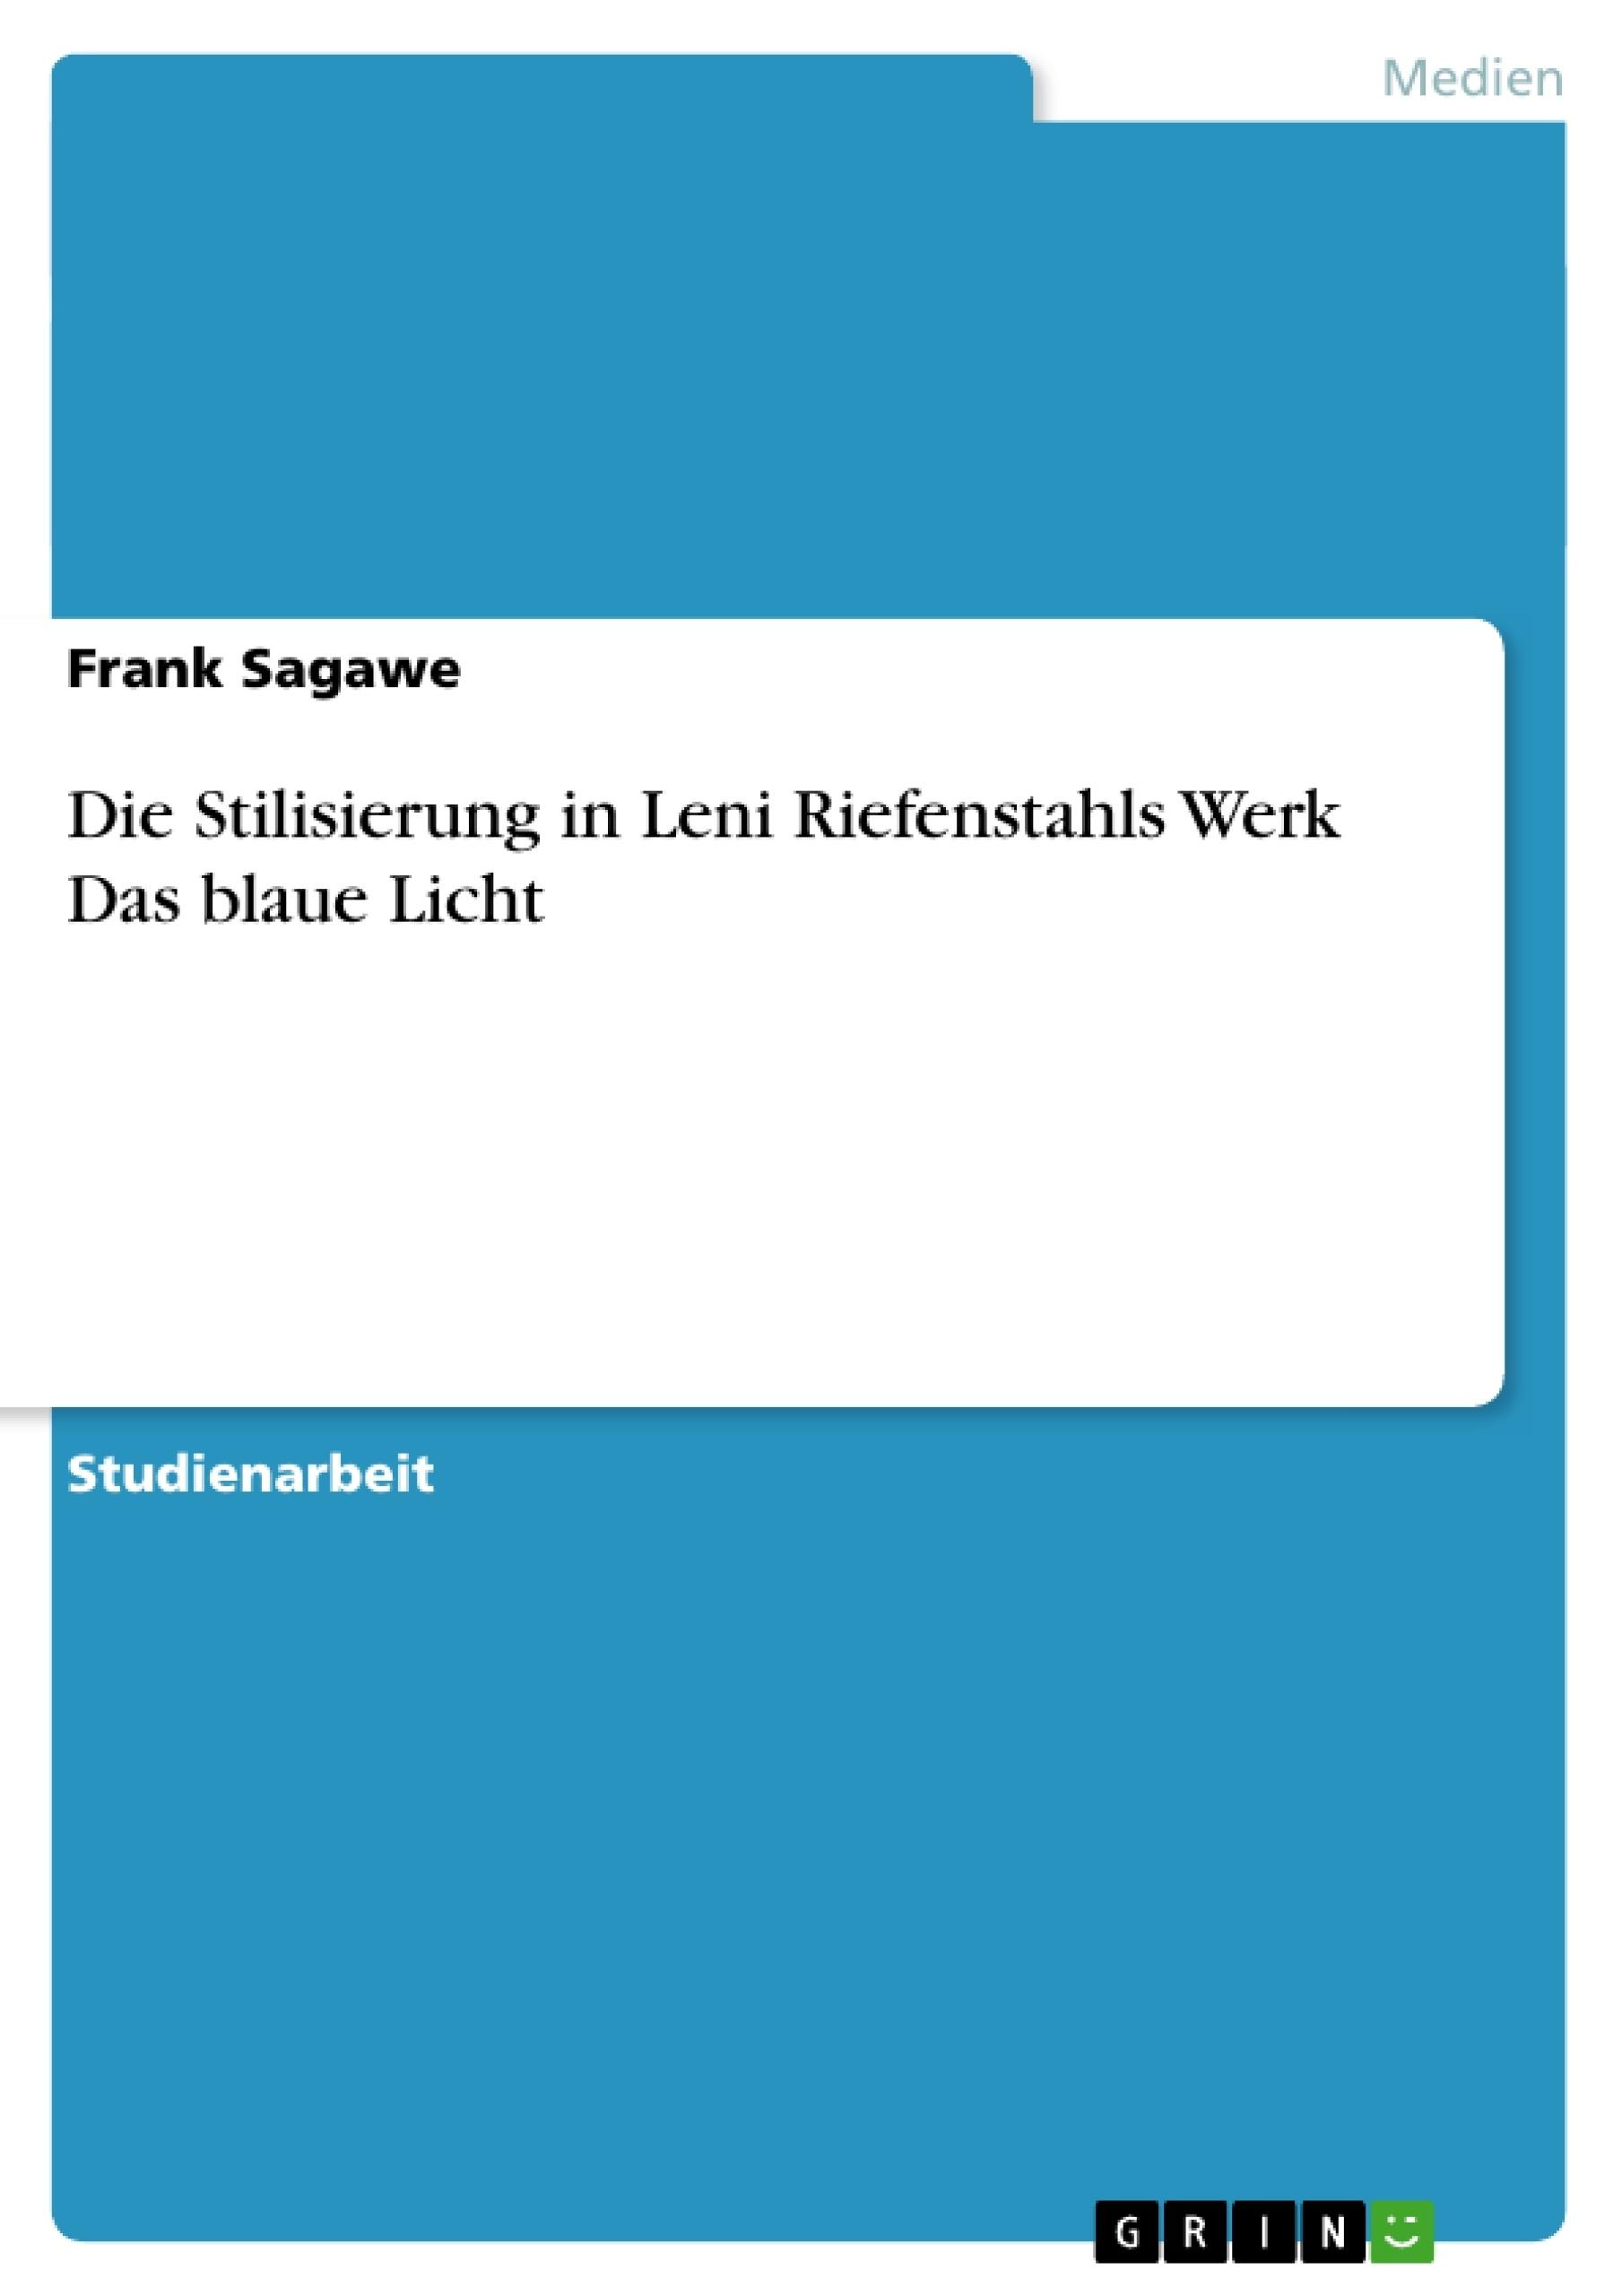 Titel: Die Stilisierung in Leni Riefenstahls Werk  Das blaue Licht